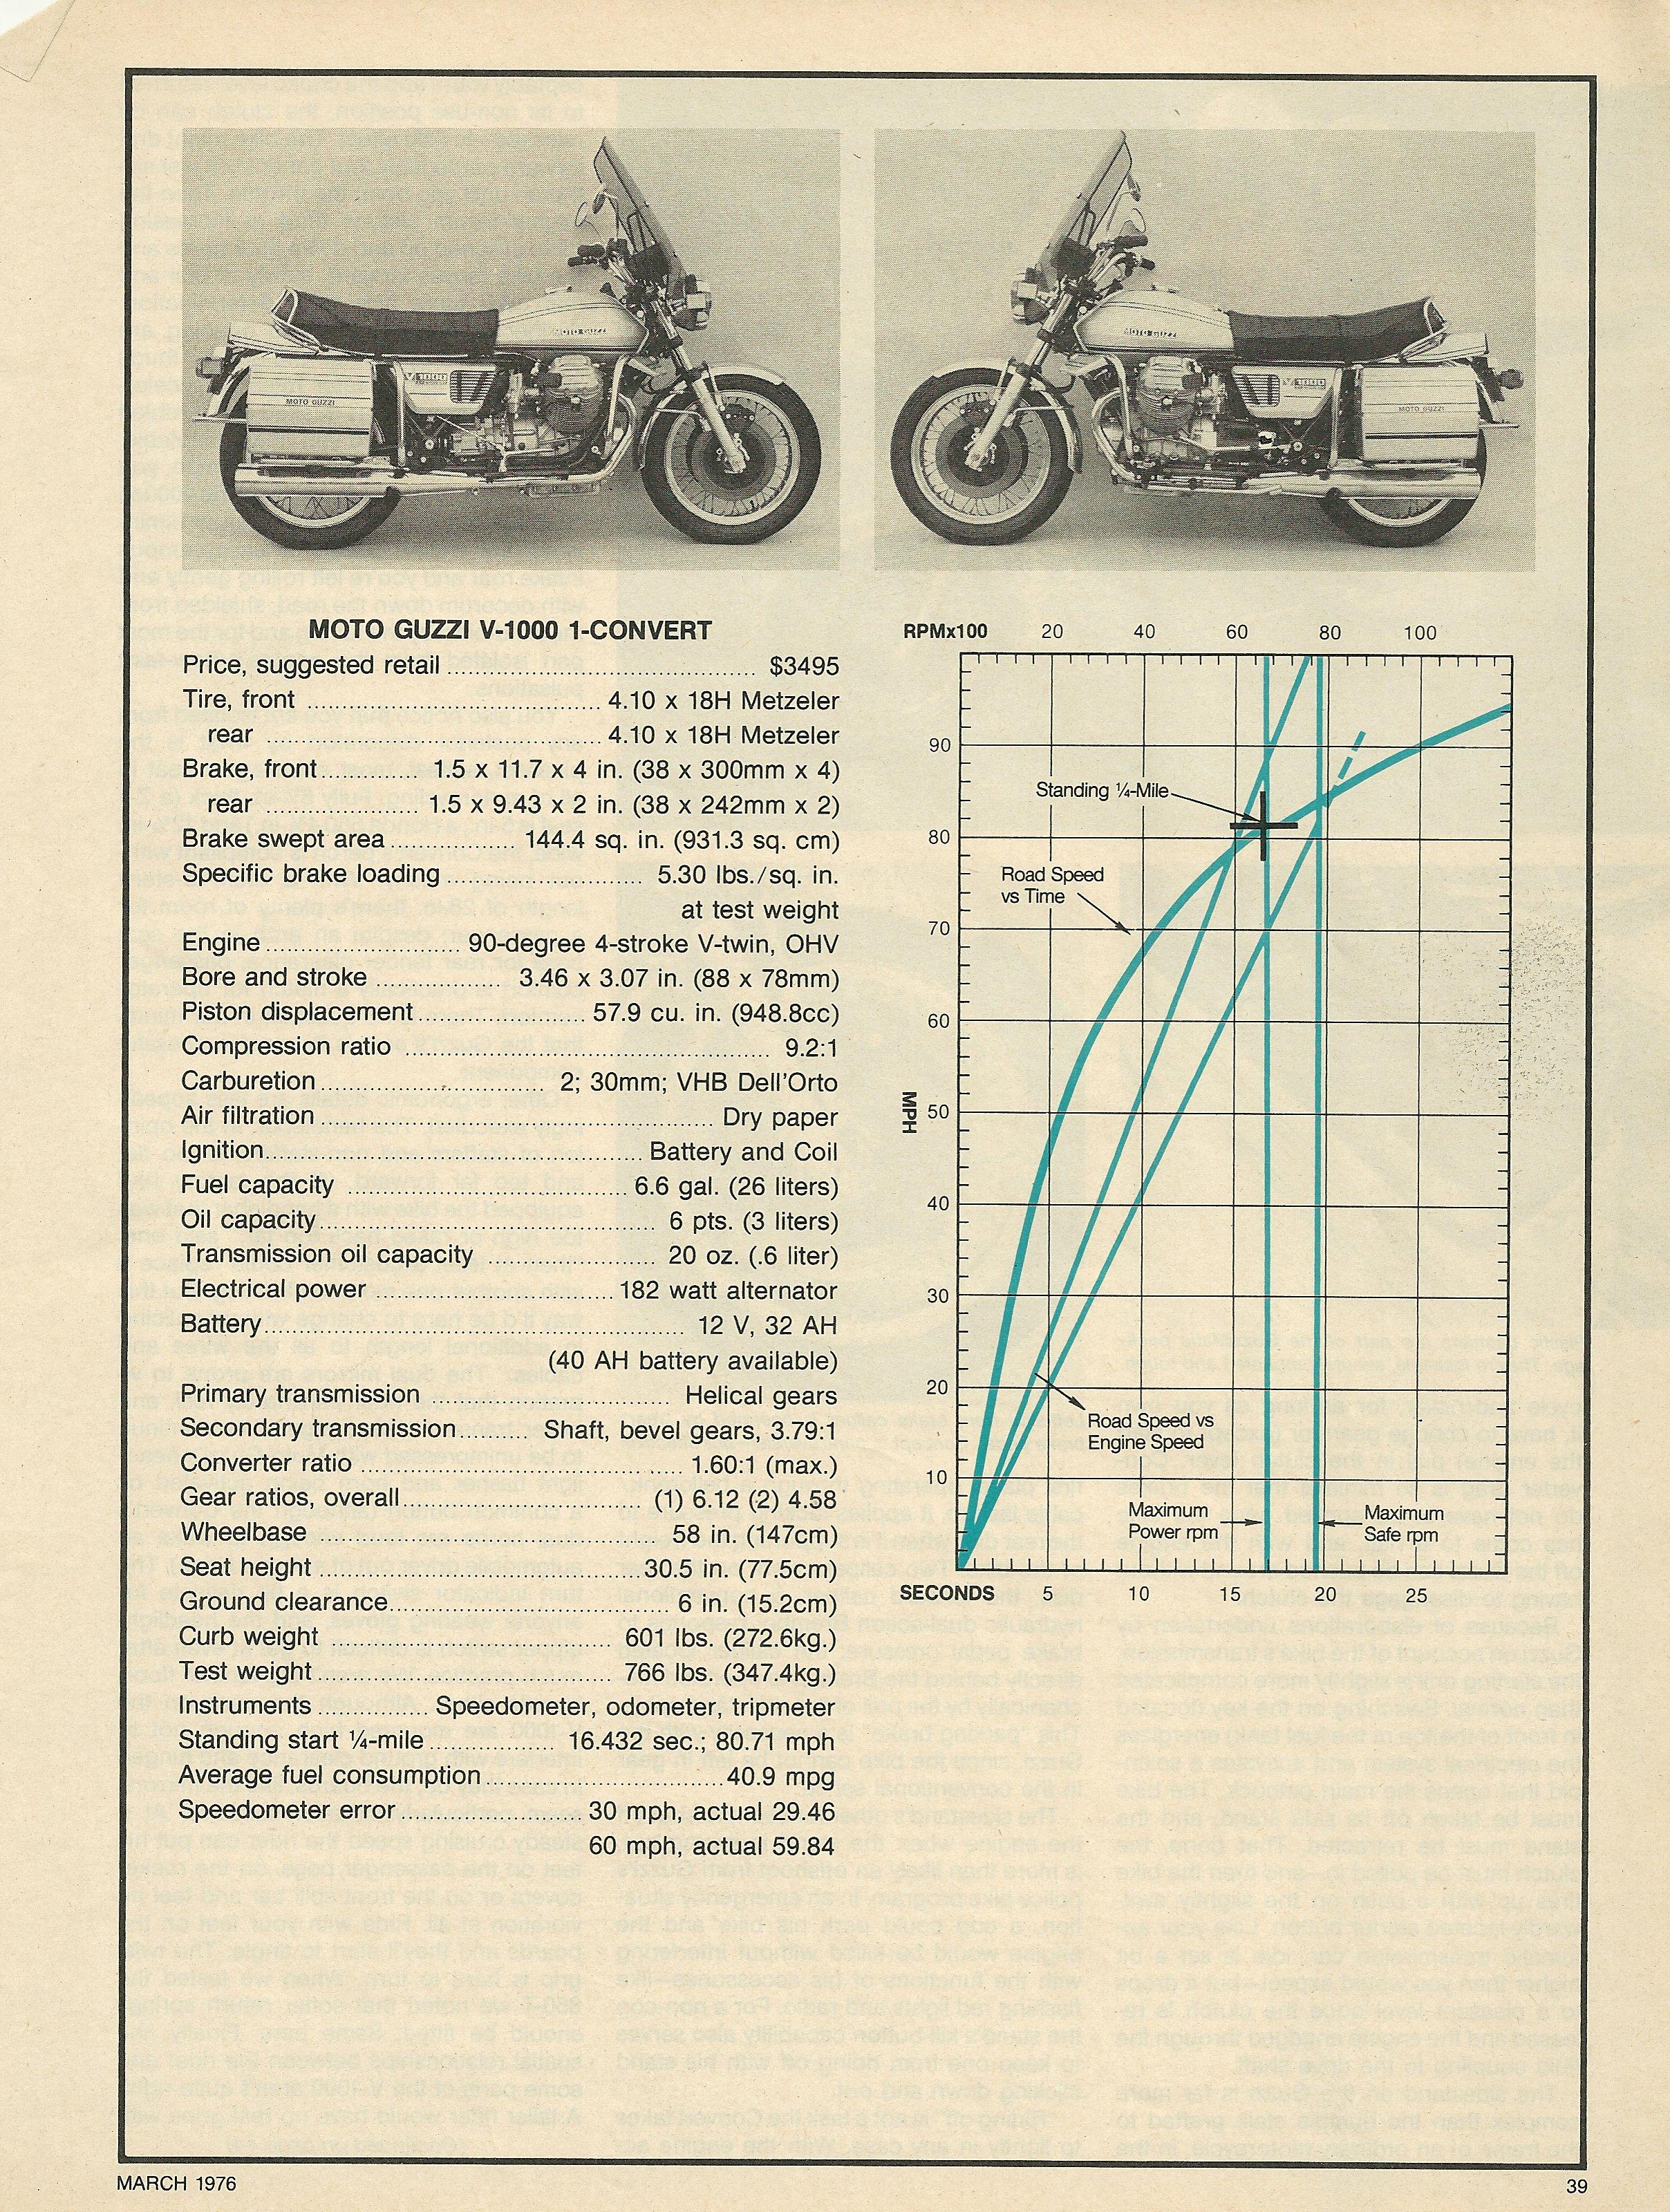 1976 Moto Guzzi V1000 Convert road test 4.JPG